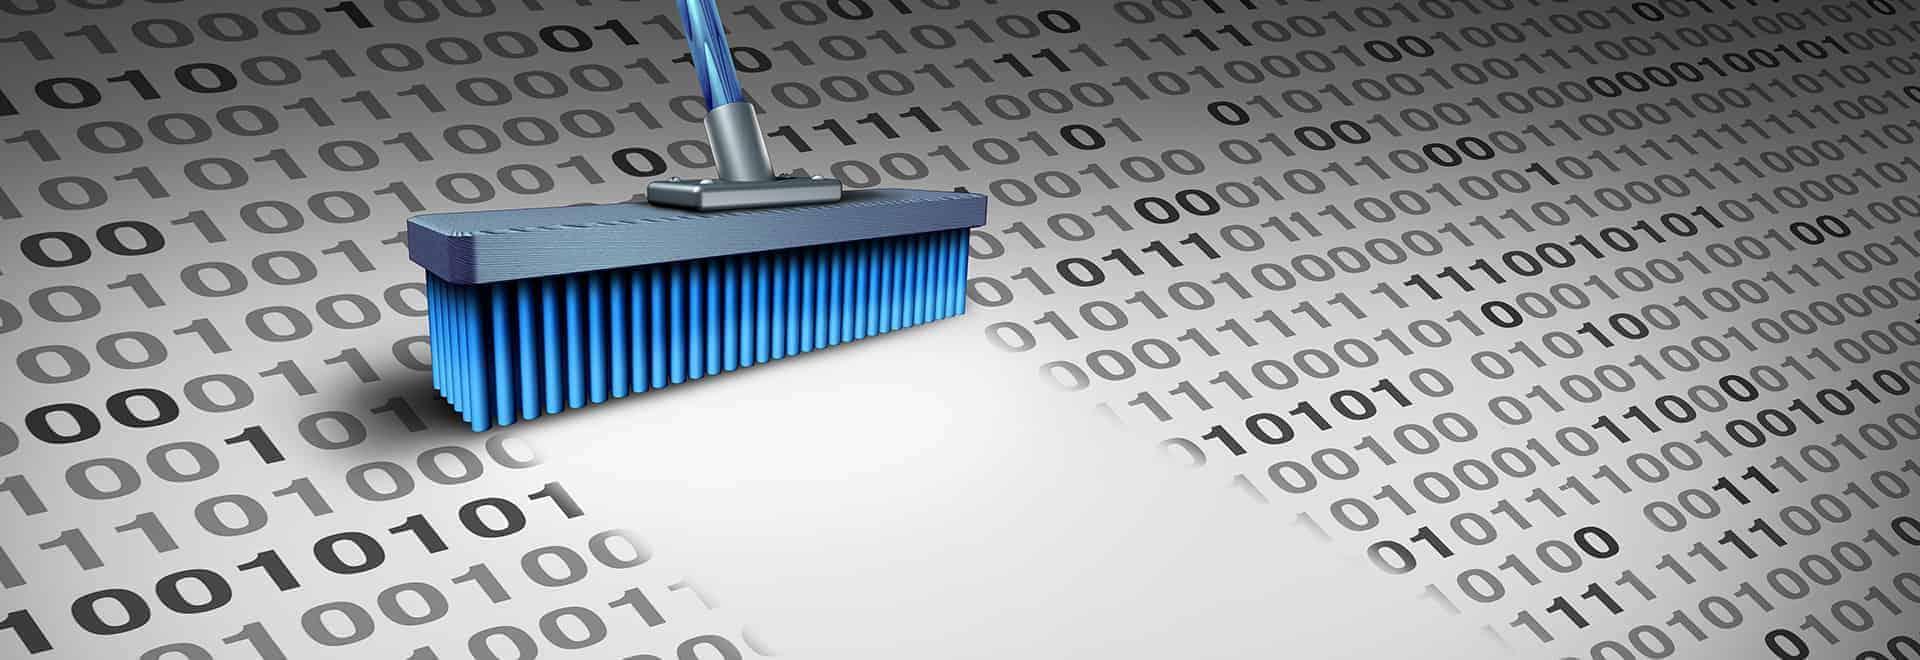 Löschen von Daten